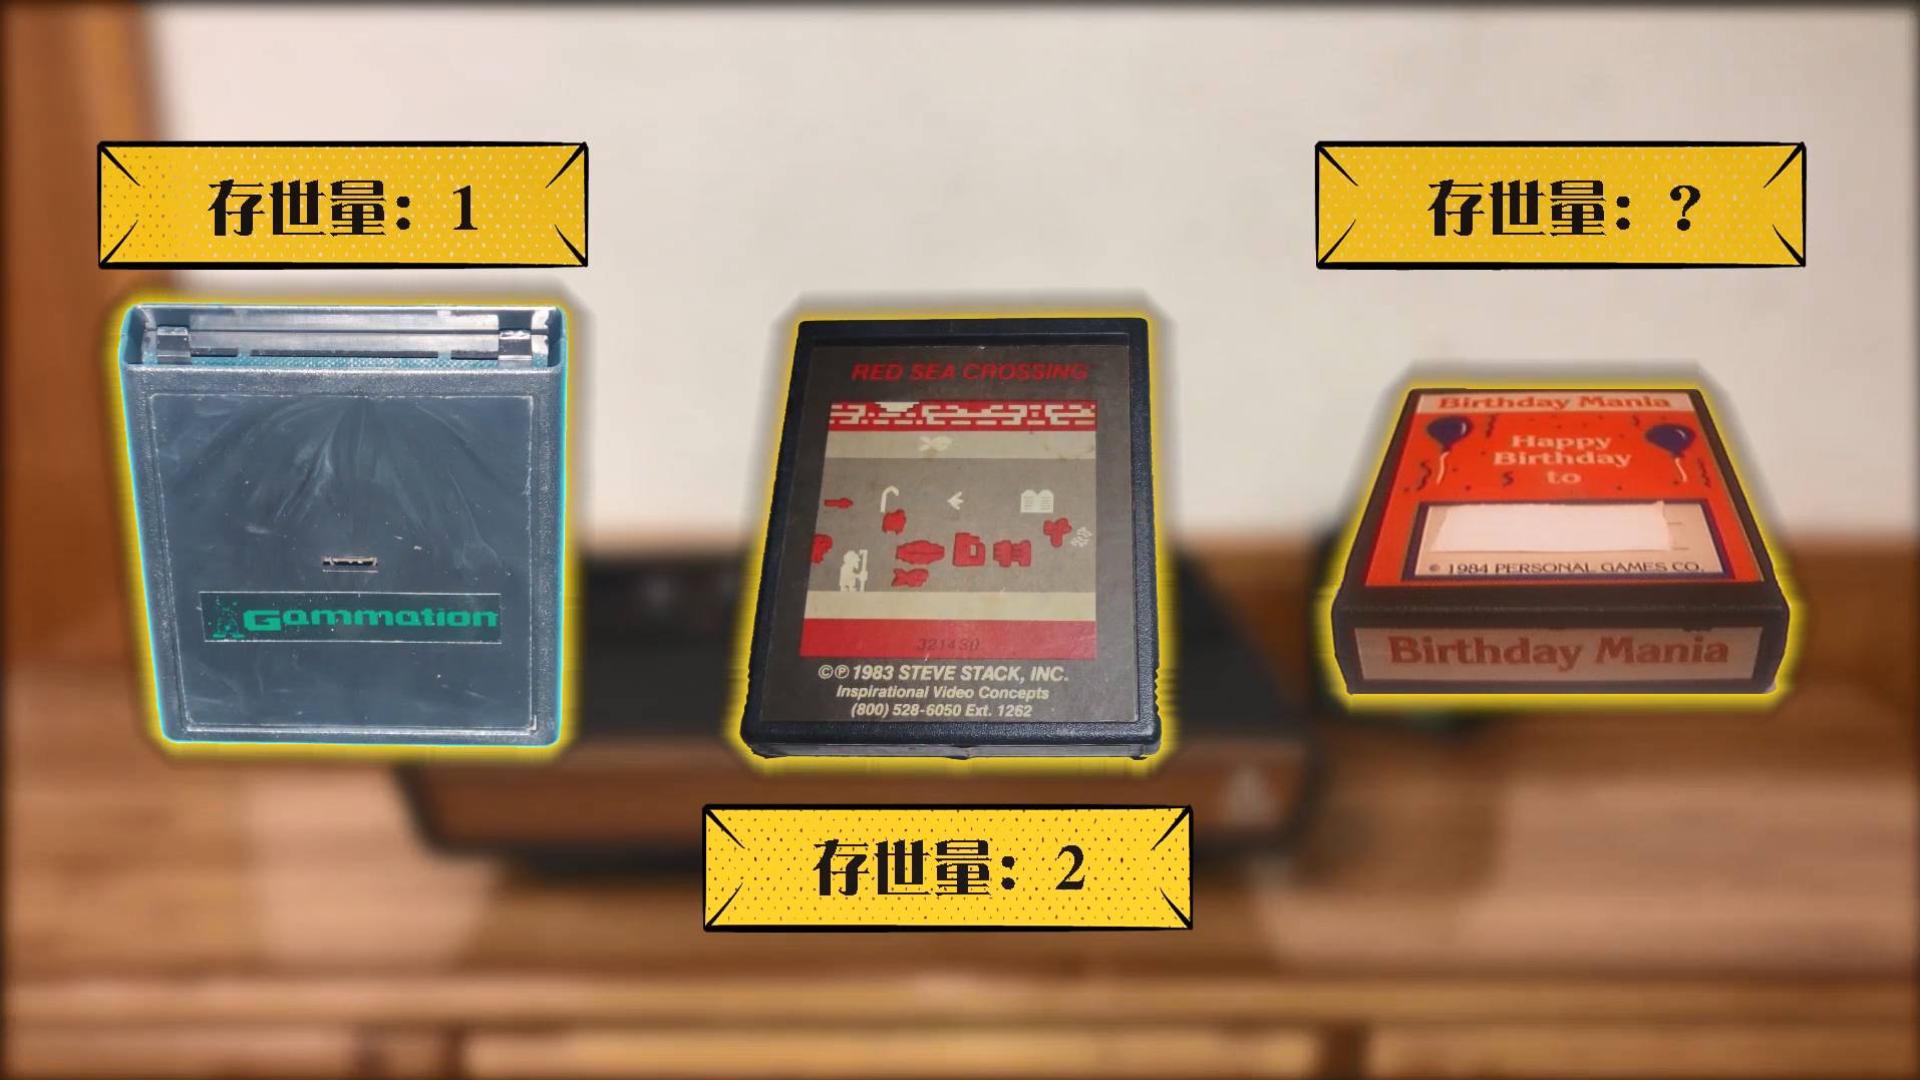 【伊祁】50万美元的电子游戏垃圾